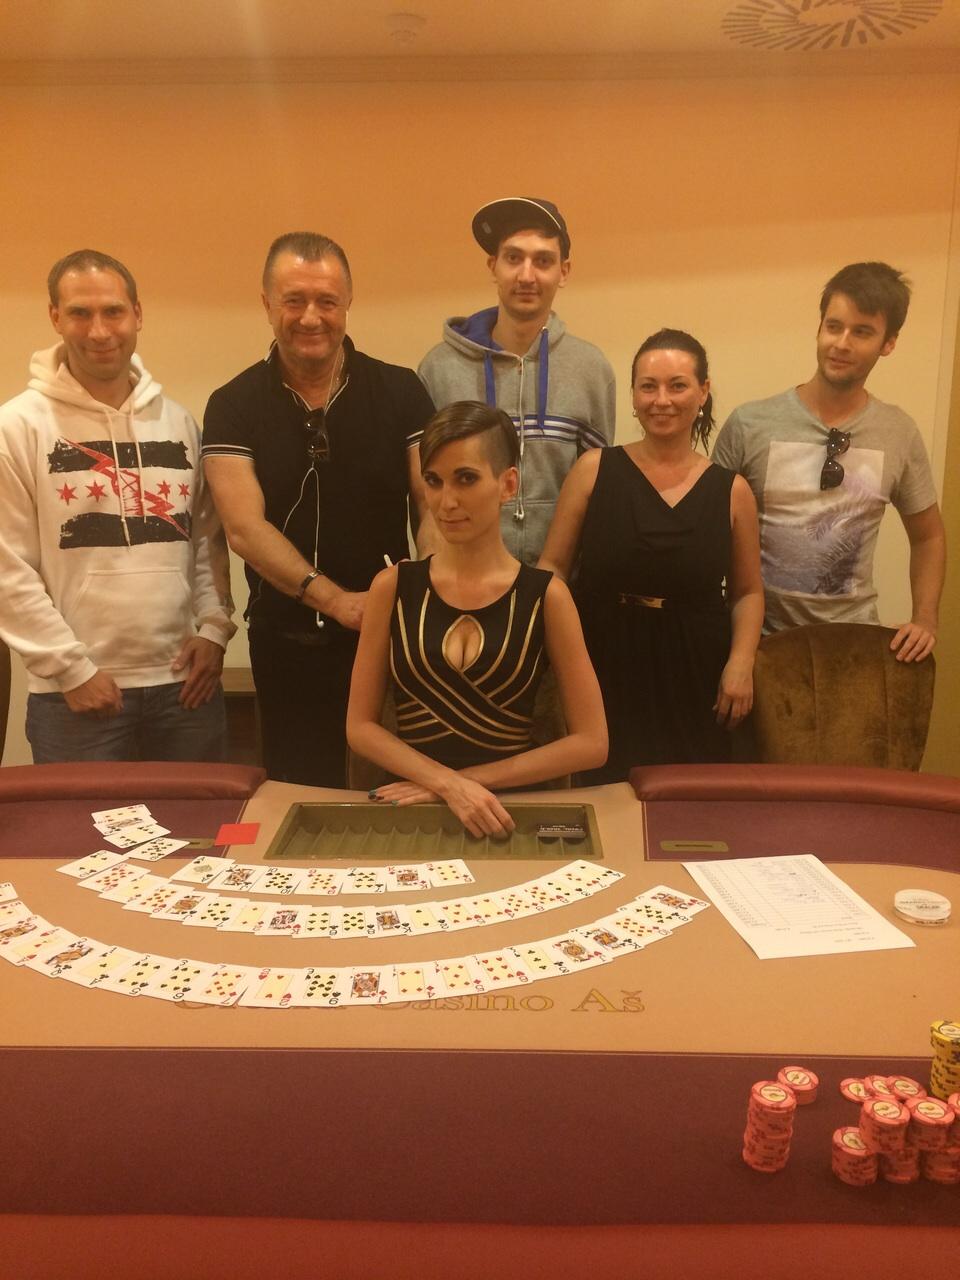 Asch Casino